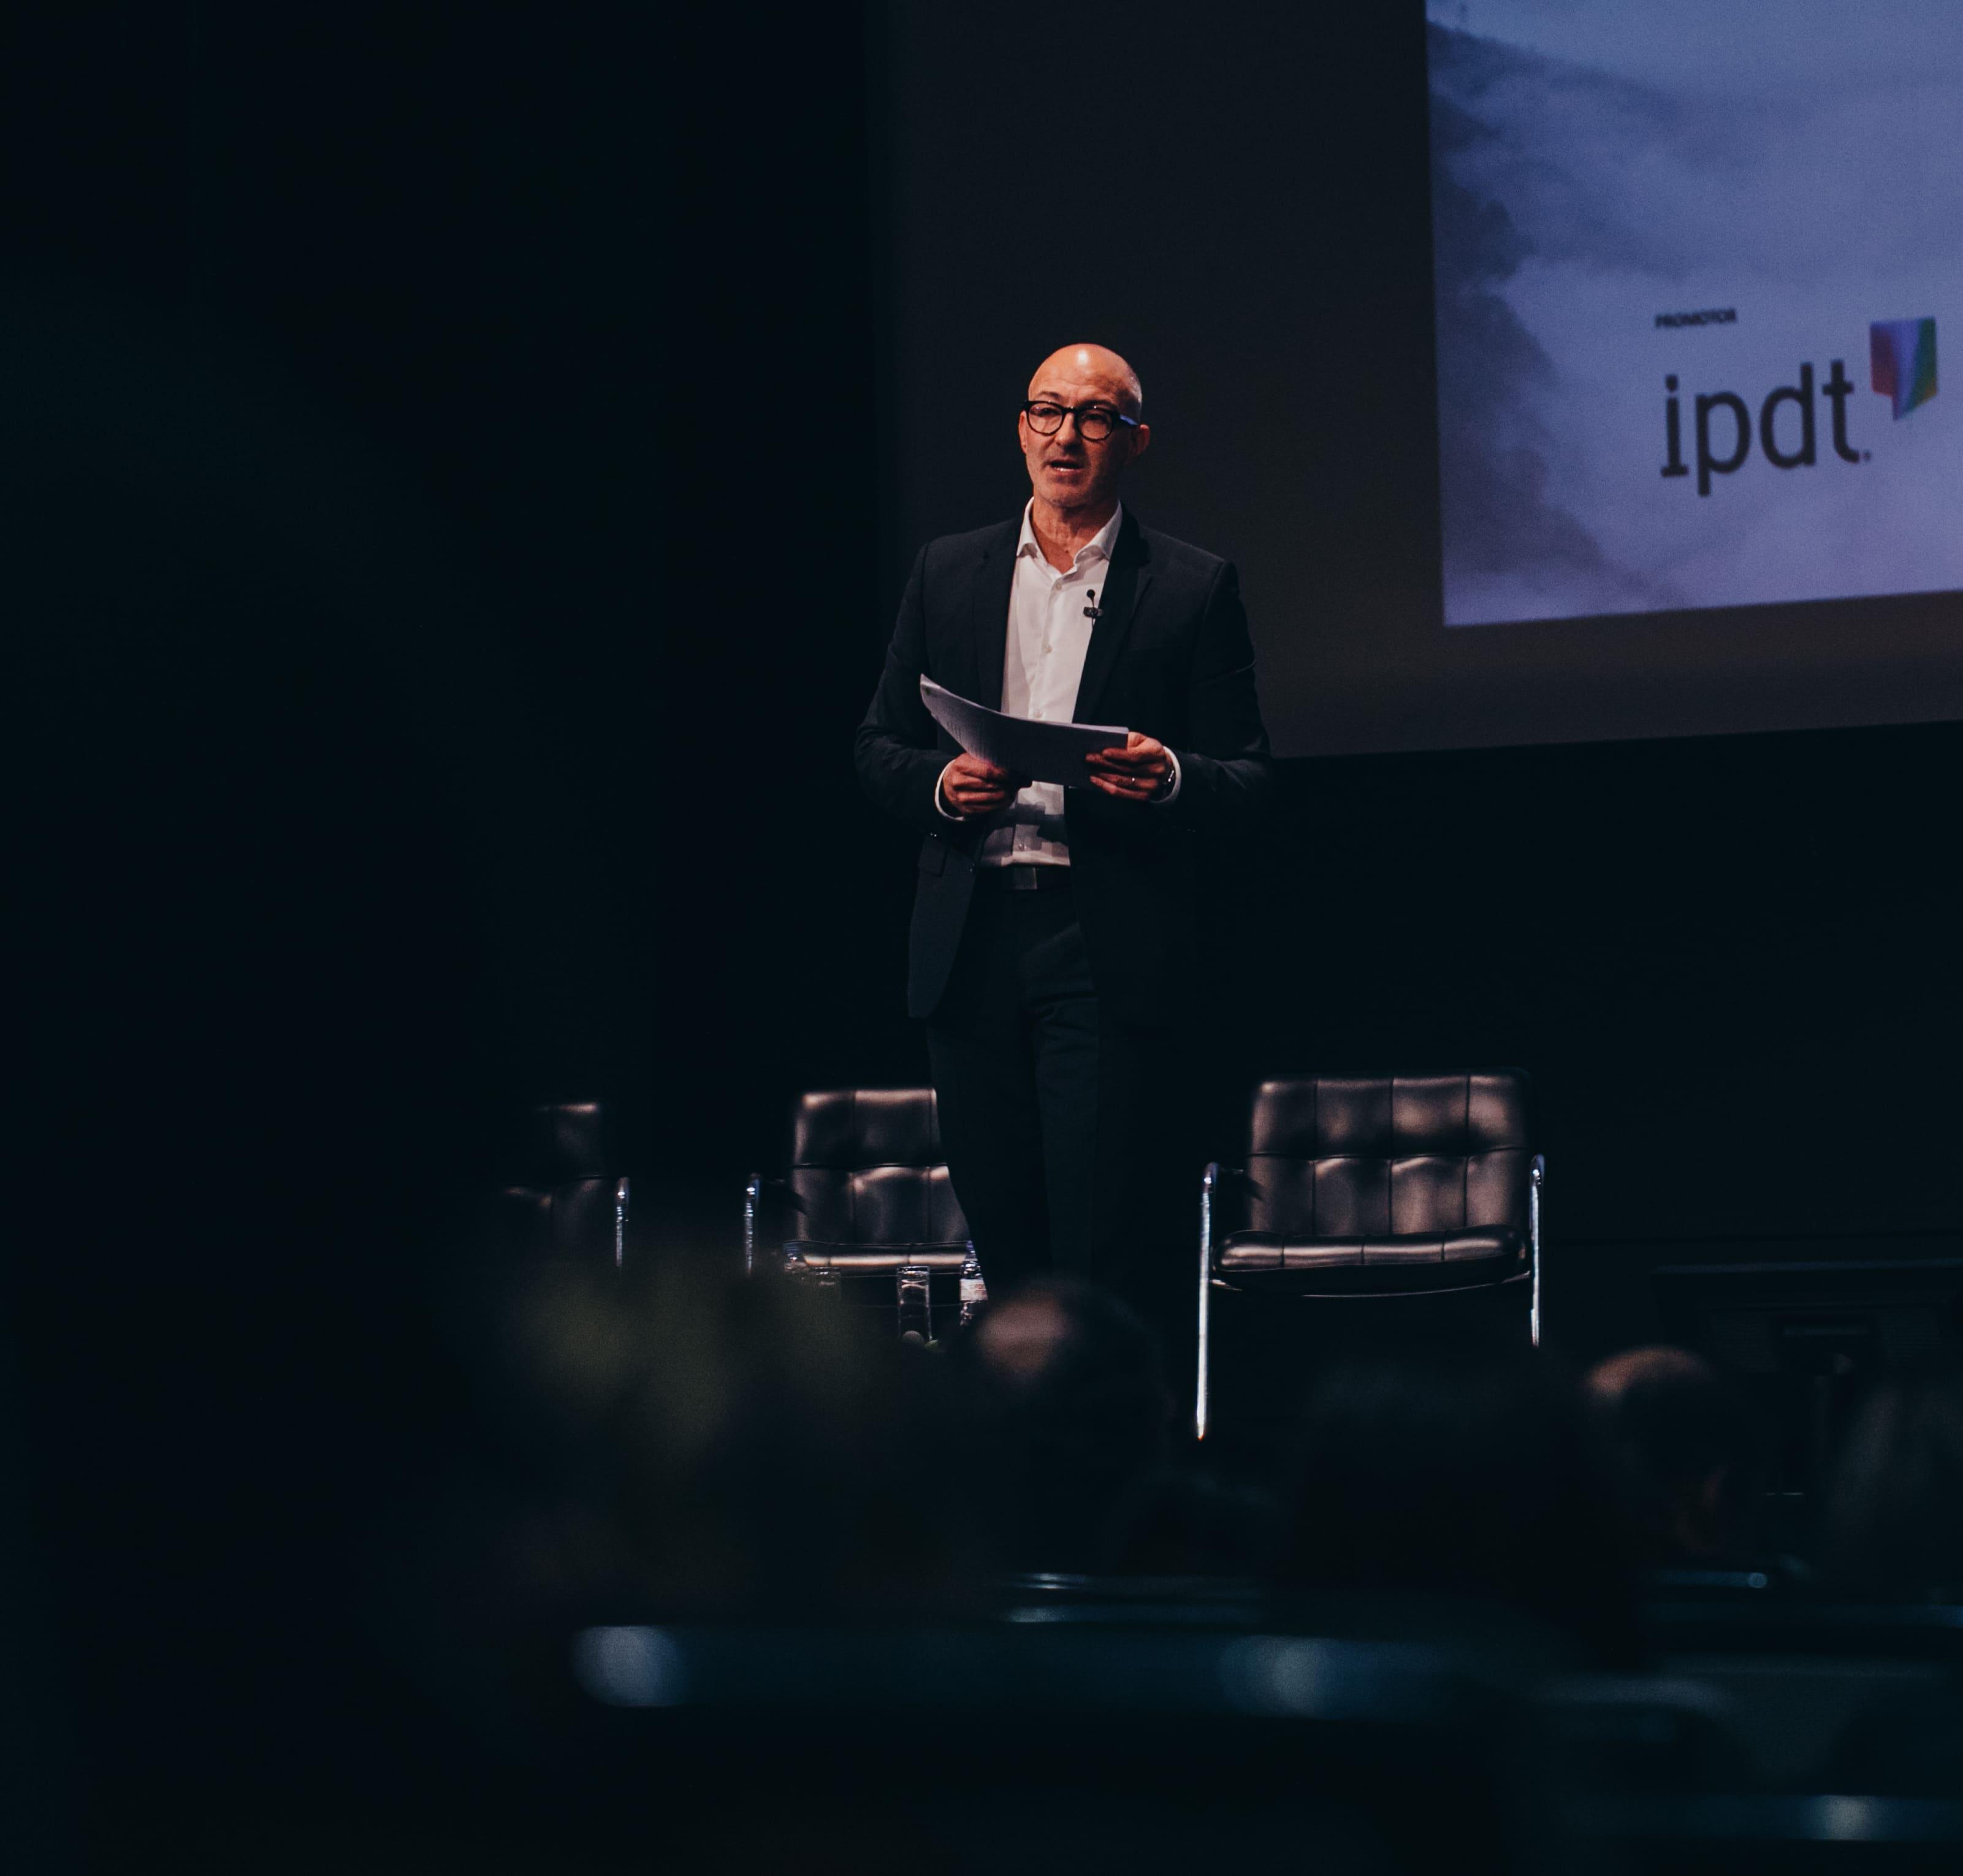 IPDT - Instituto de Planeamento e Desenvolvimento do Turismo